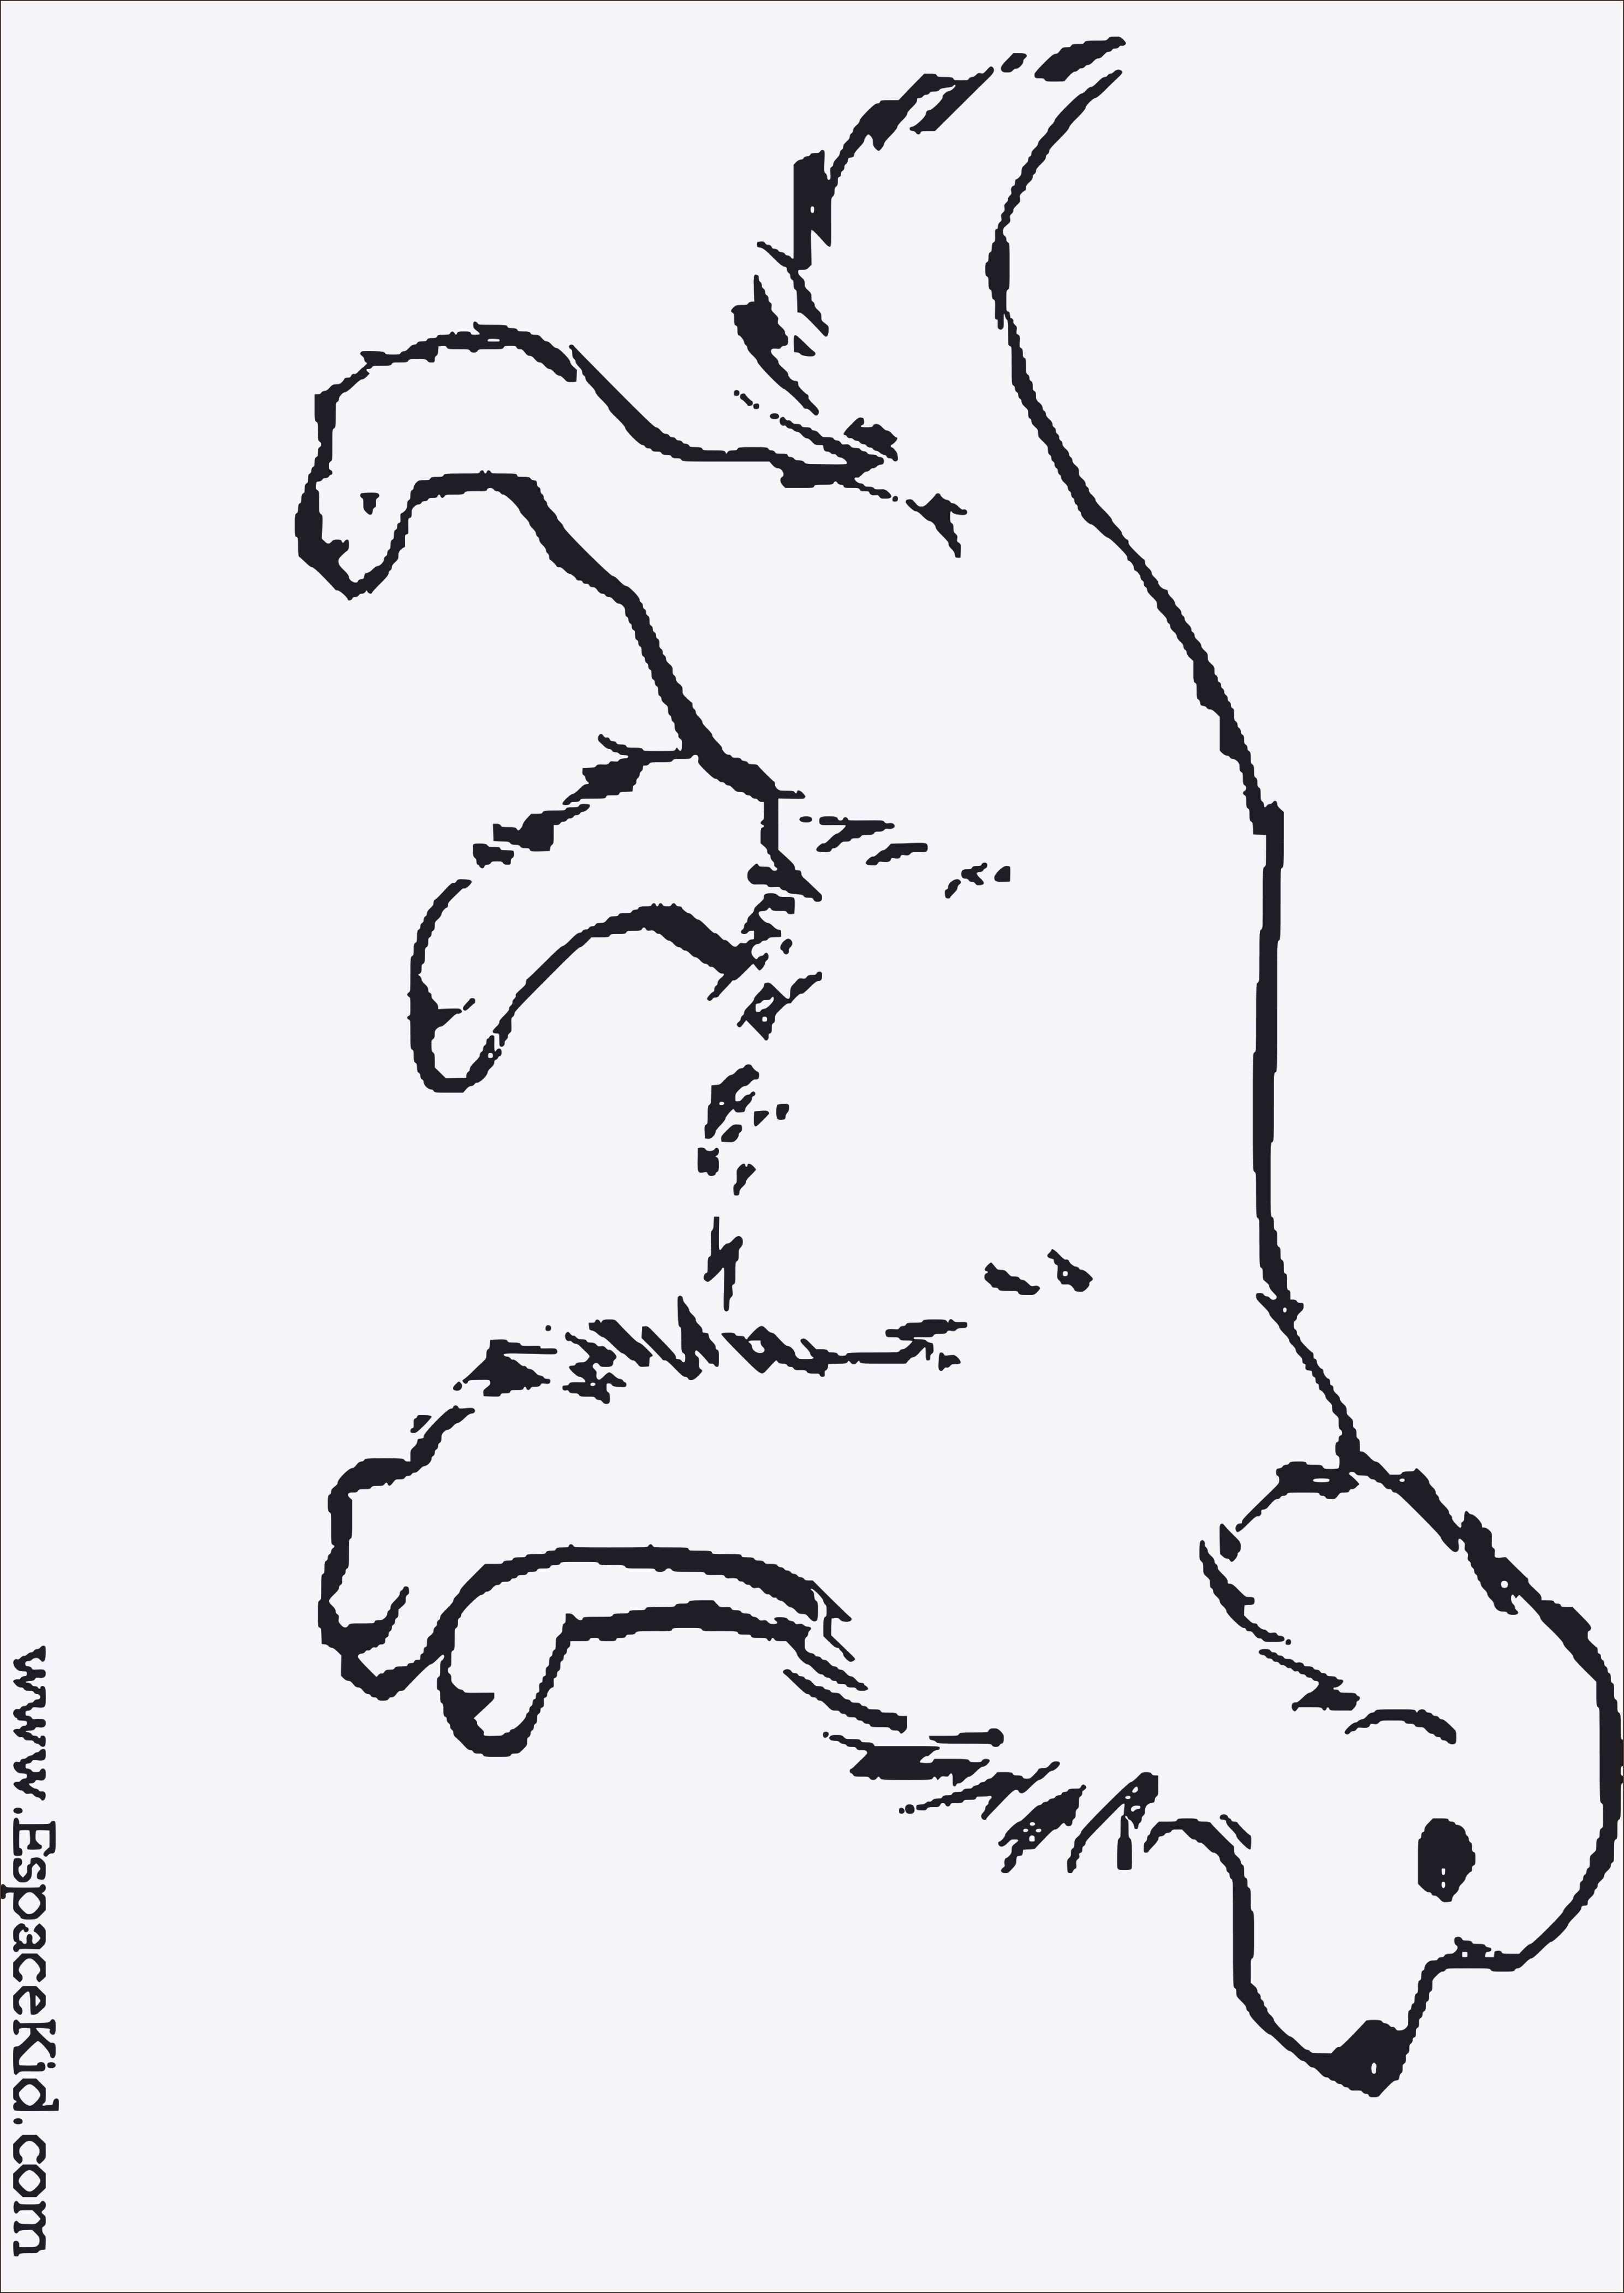 Die 20 Besten Ideen Für Ausmalbilder Hunde Zum Ausdrucken Beste